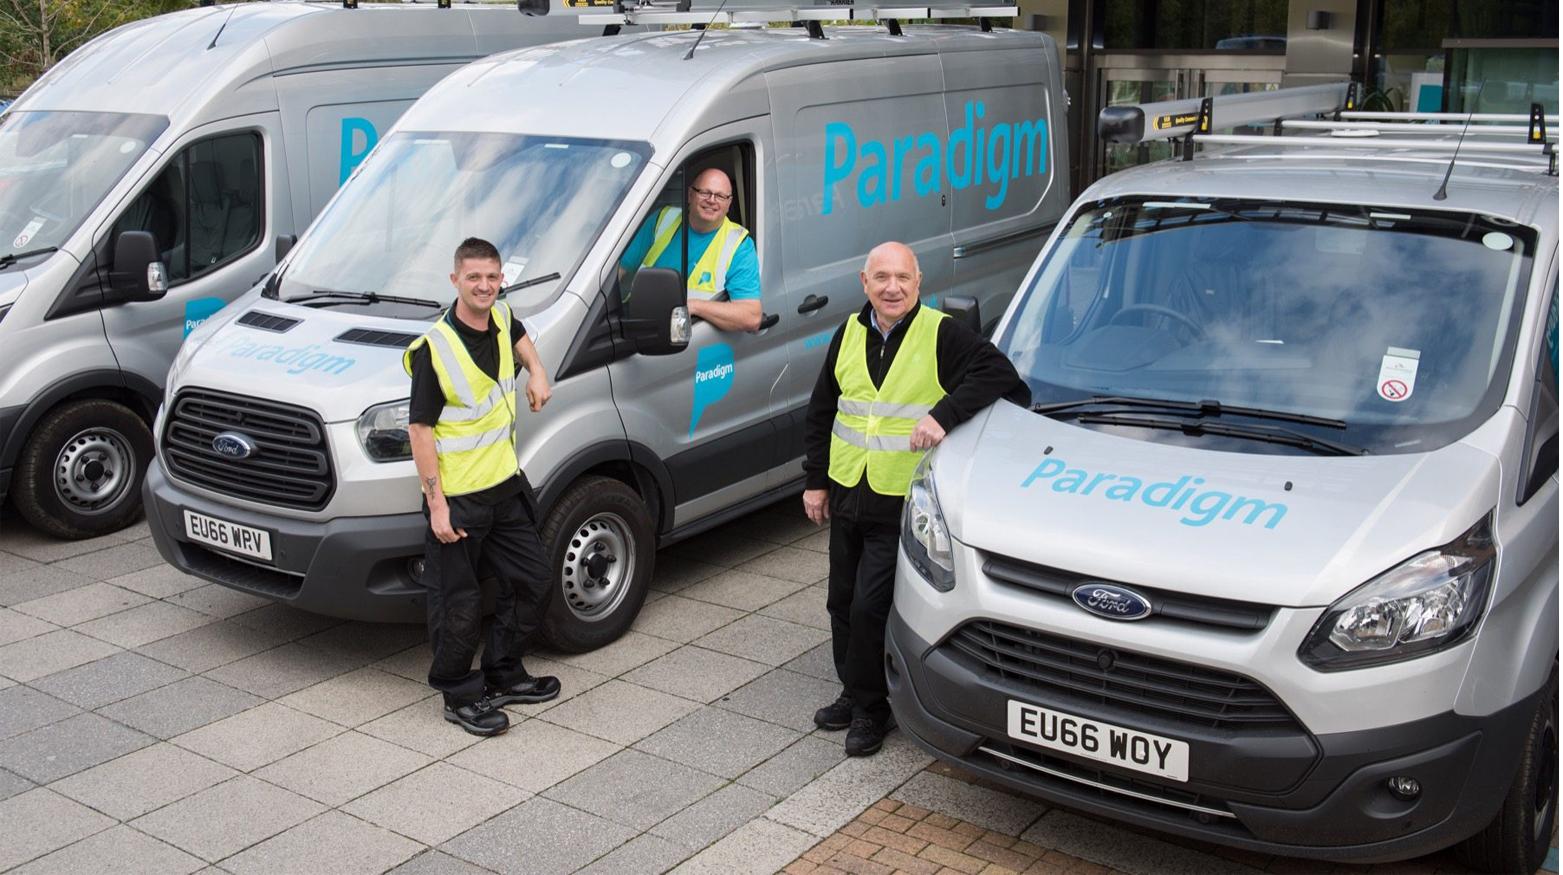 Paradigm vans featuring livery design